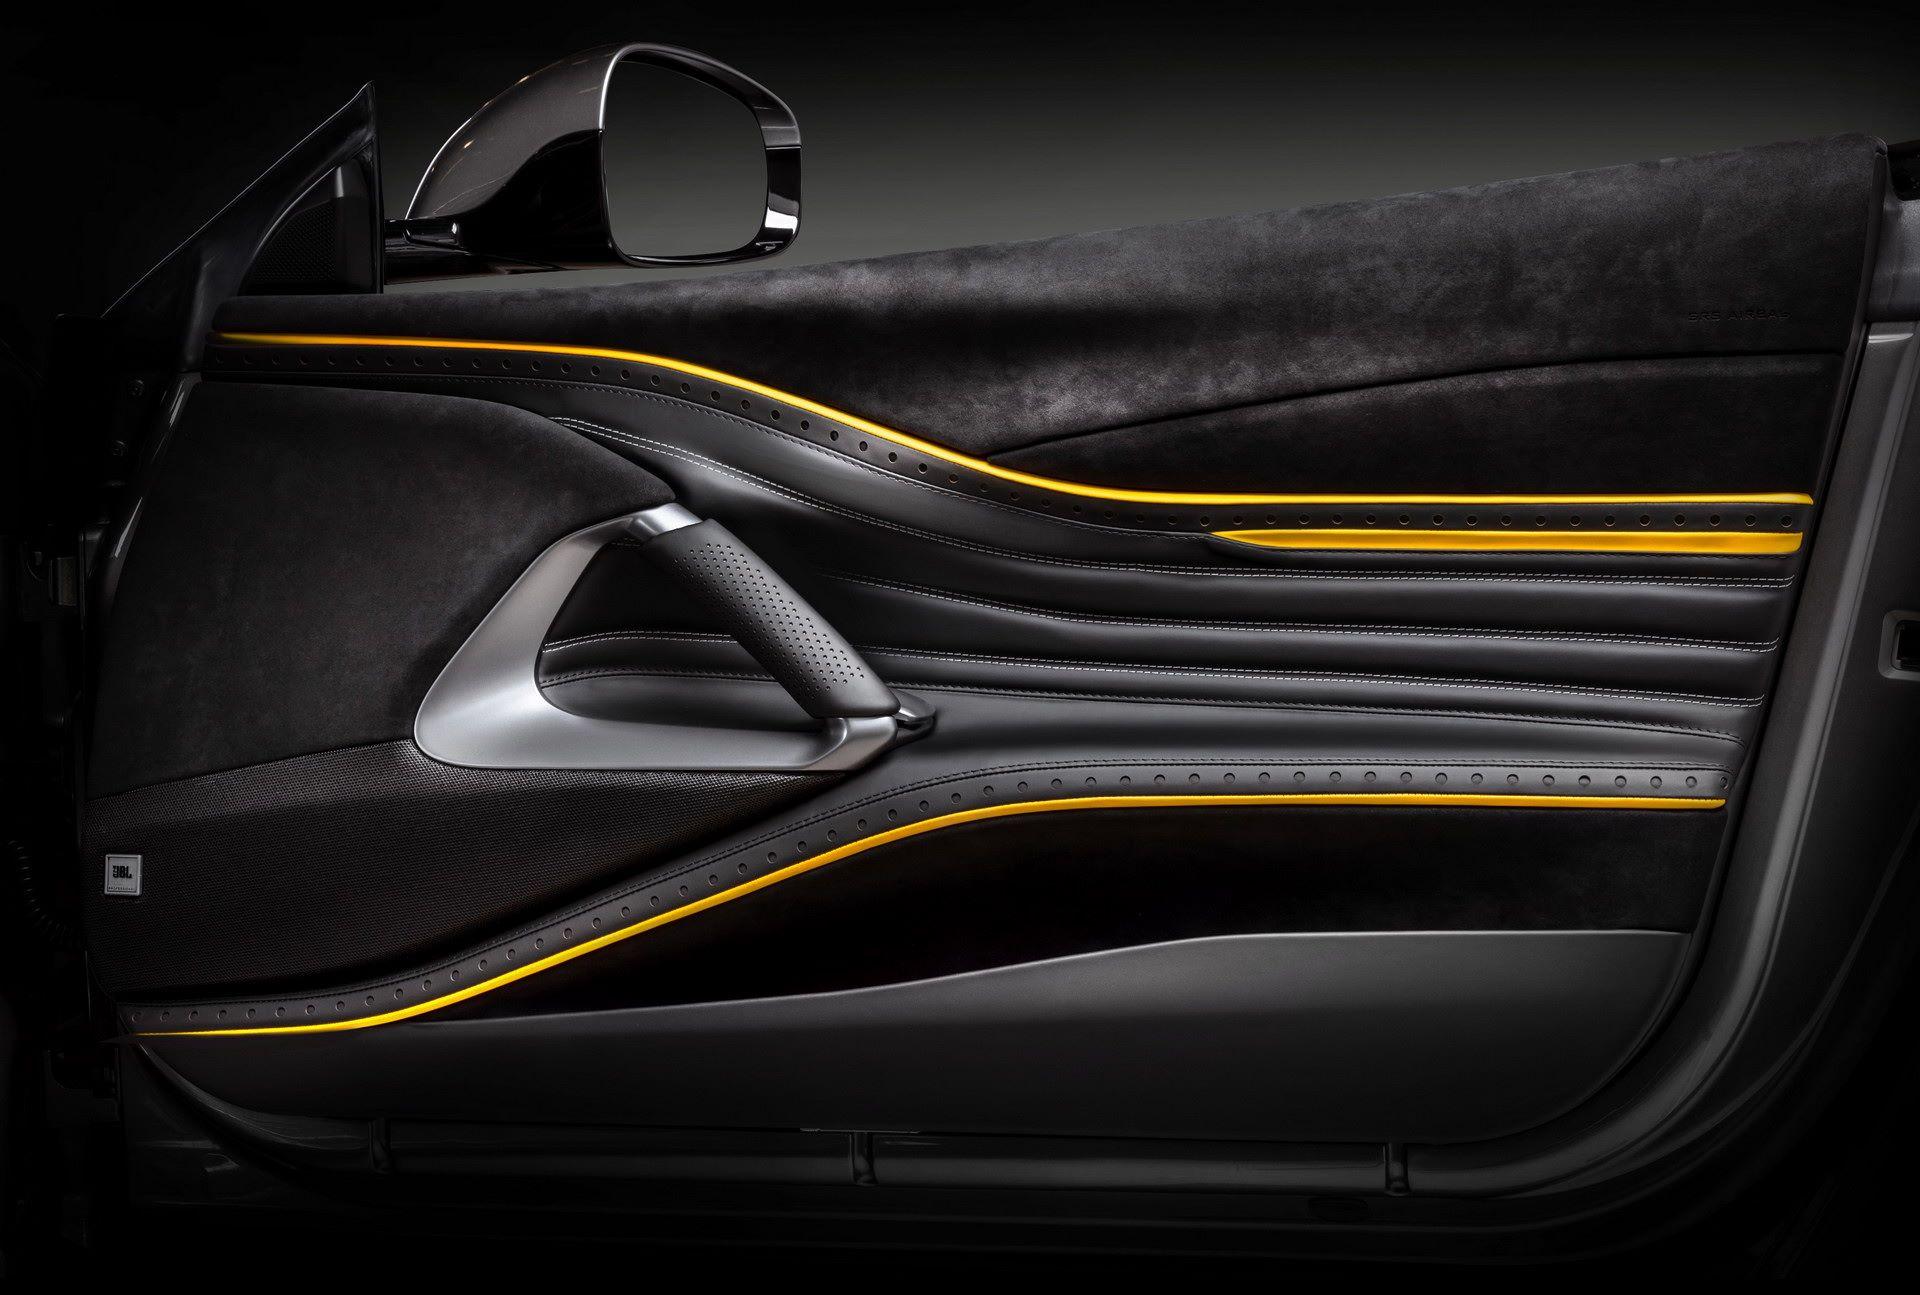 Ferrari-812-Superfast-by-Carlex-Design-13